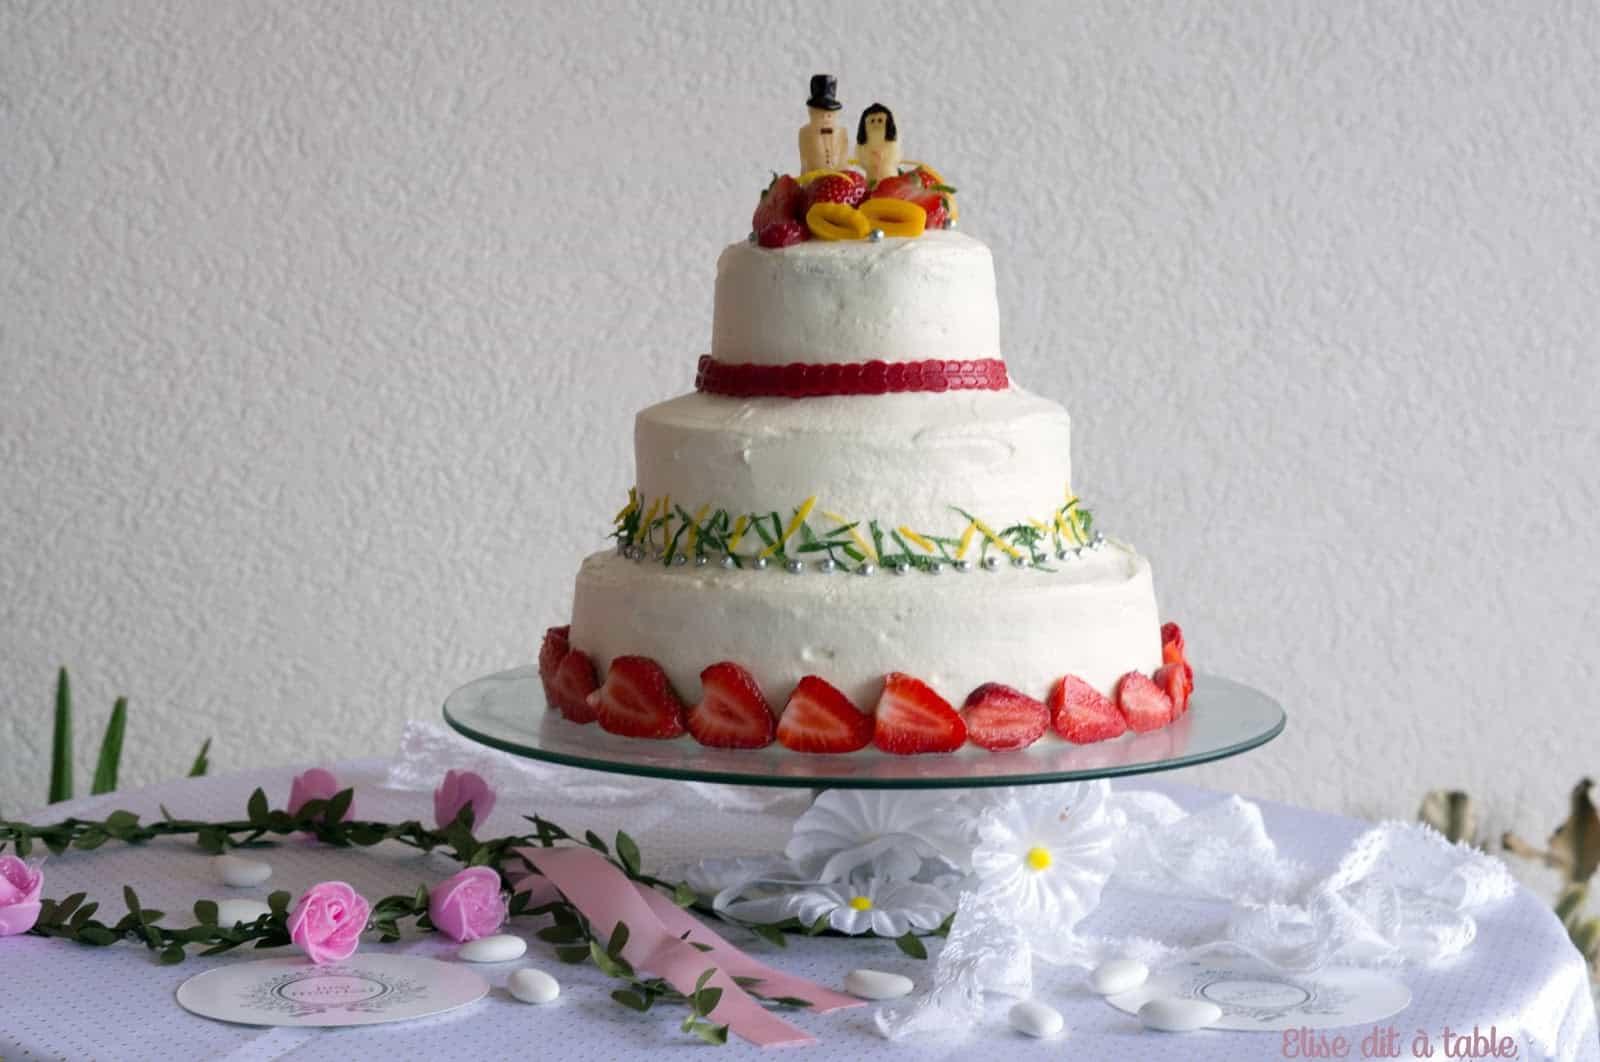 أجمل تصاميم كيك الزفاف